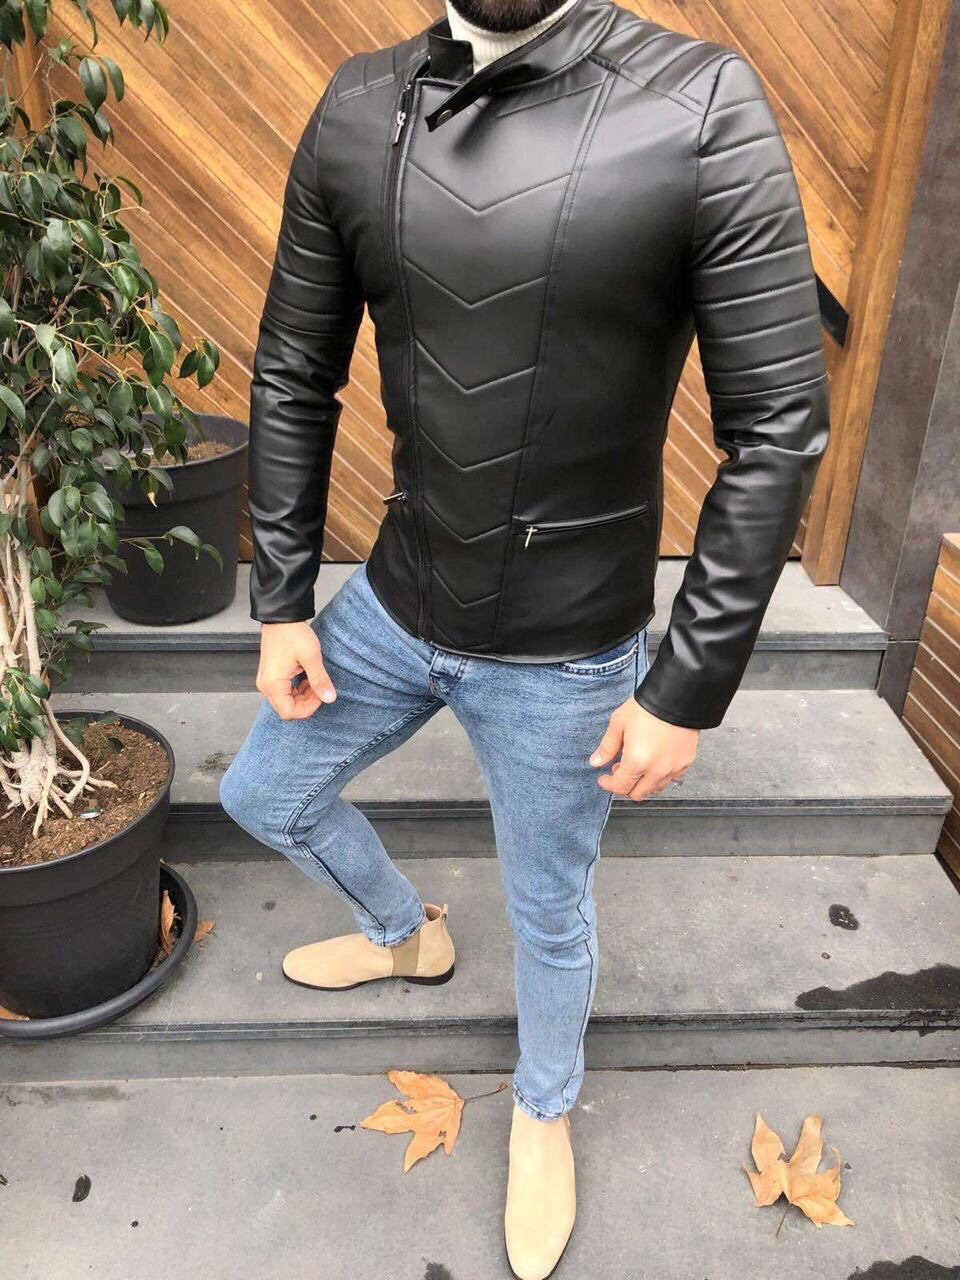 Мужская кожаная куртка/косуха Lines 5 размеров